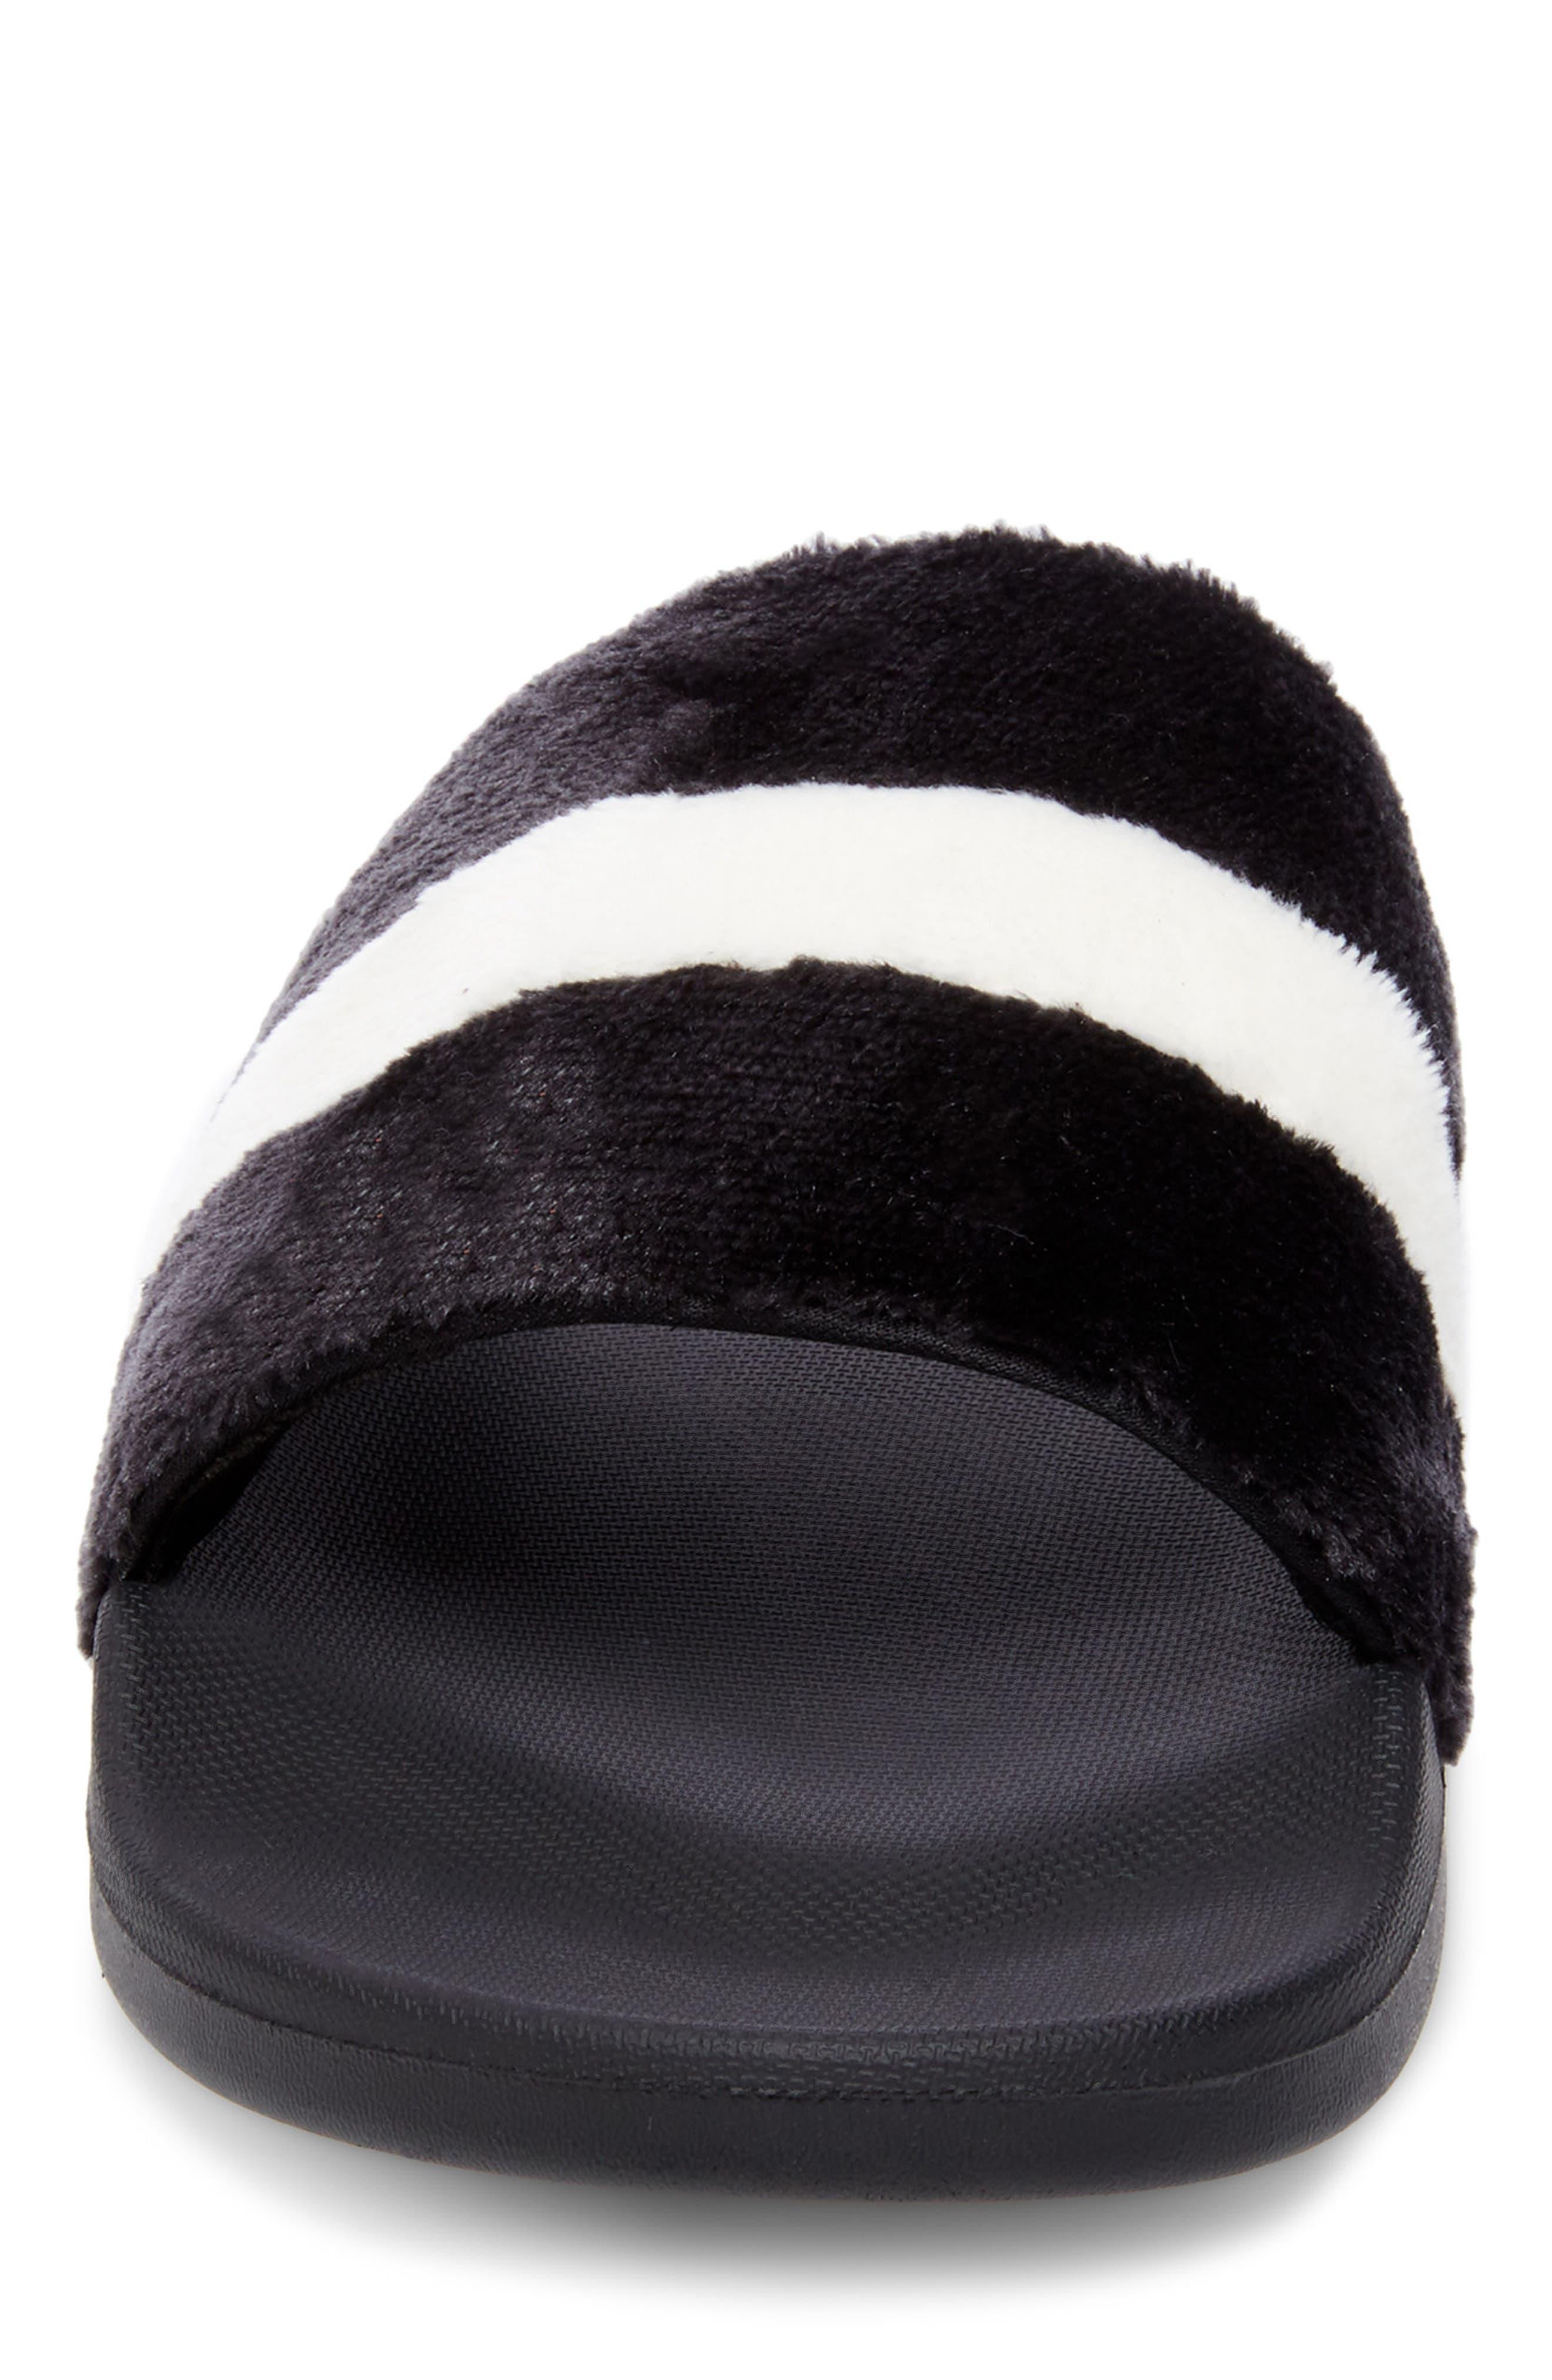 Resport Plush Slide Sandal,                             Alternate thumbnail 4, color,                             Black/ White